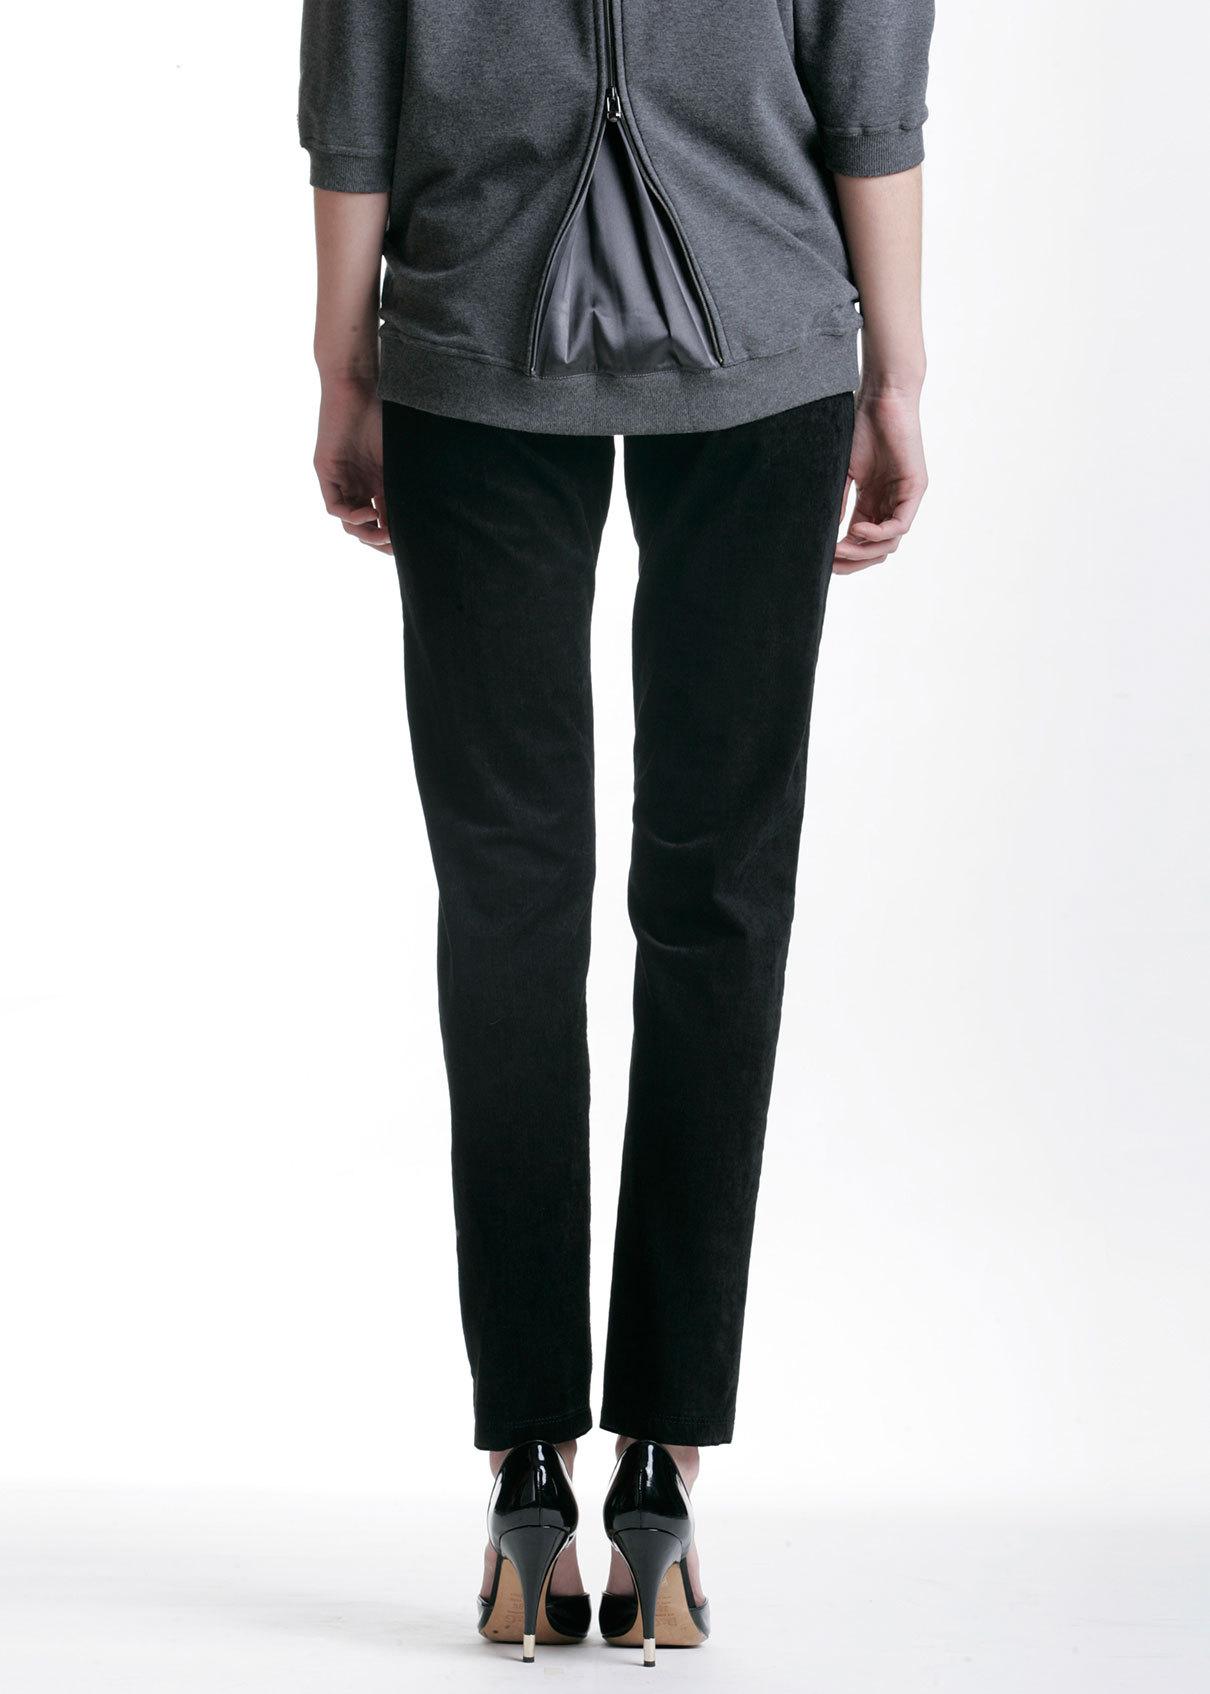 Итальянские брюки женские доставка